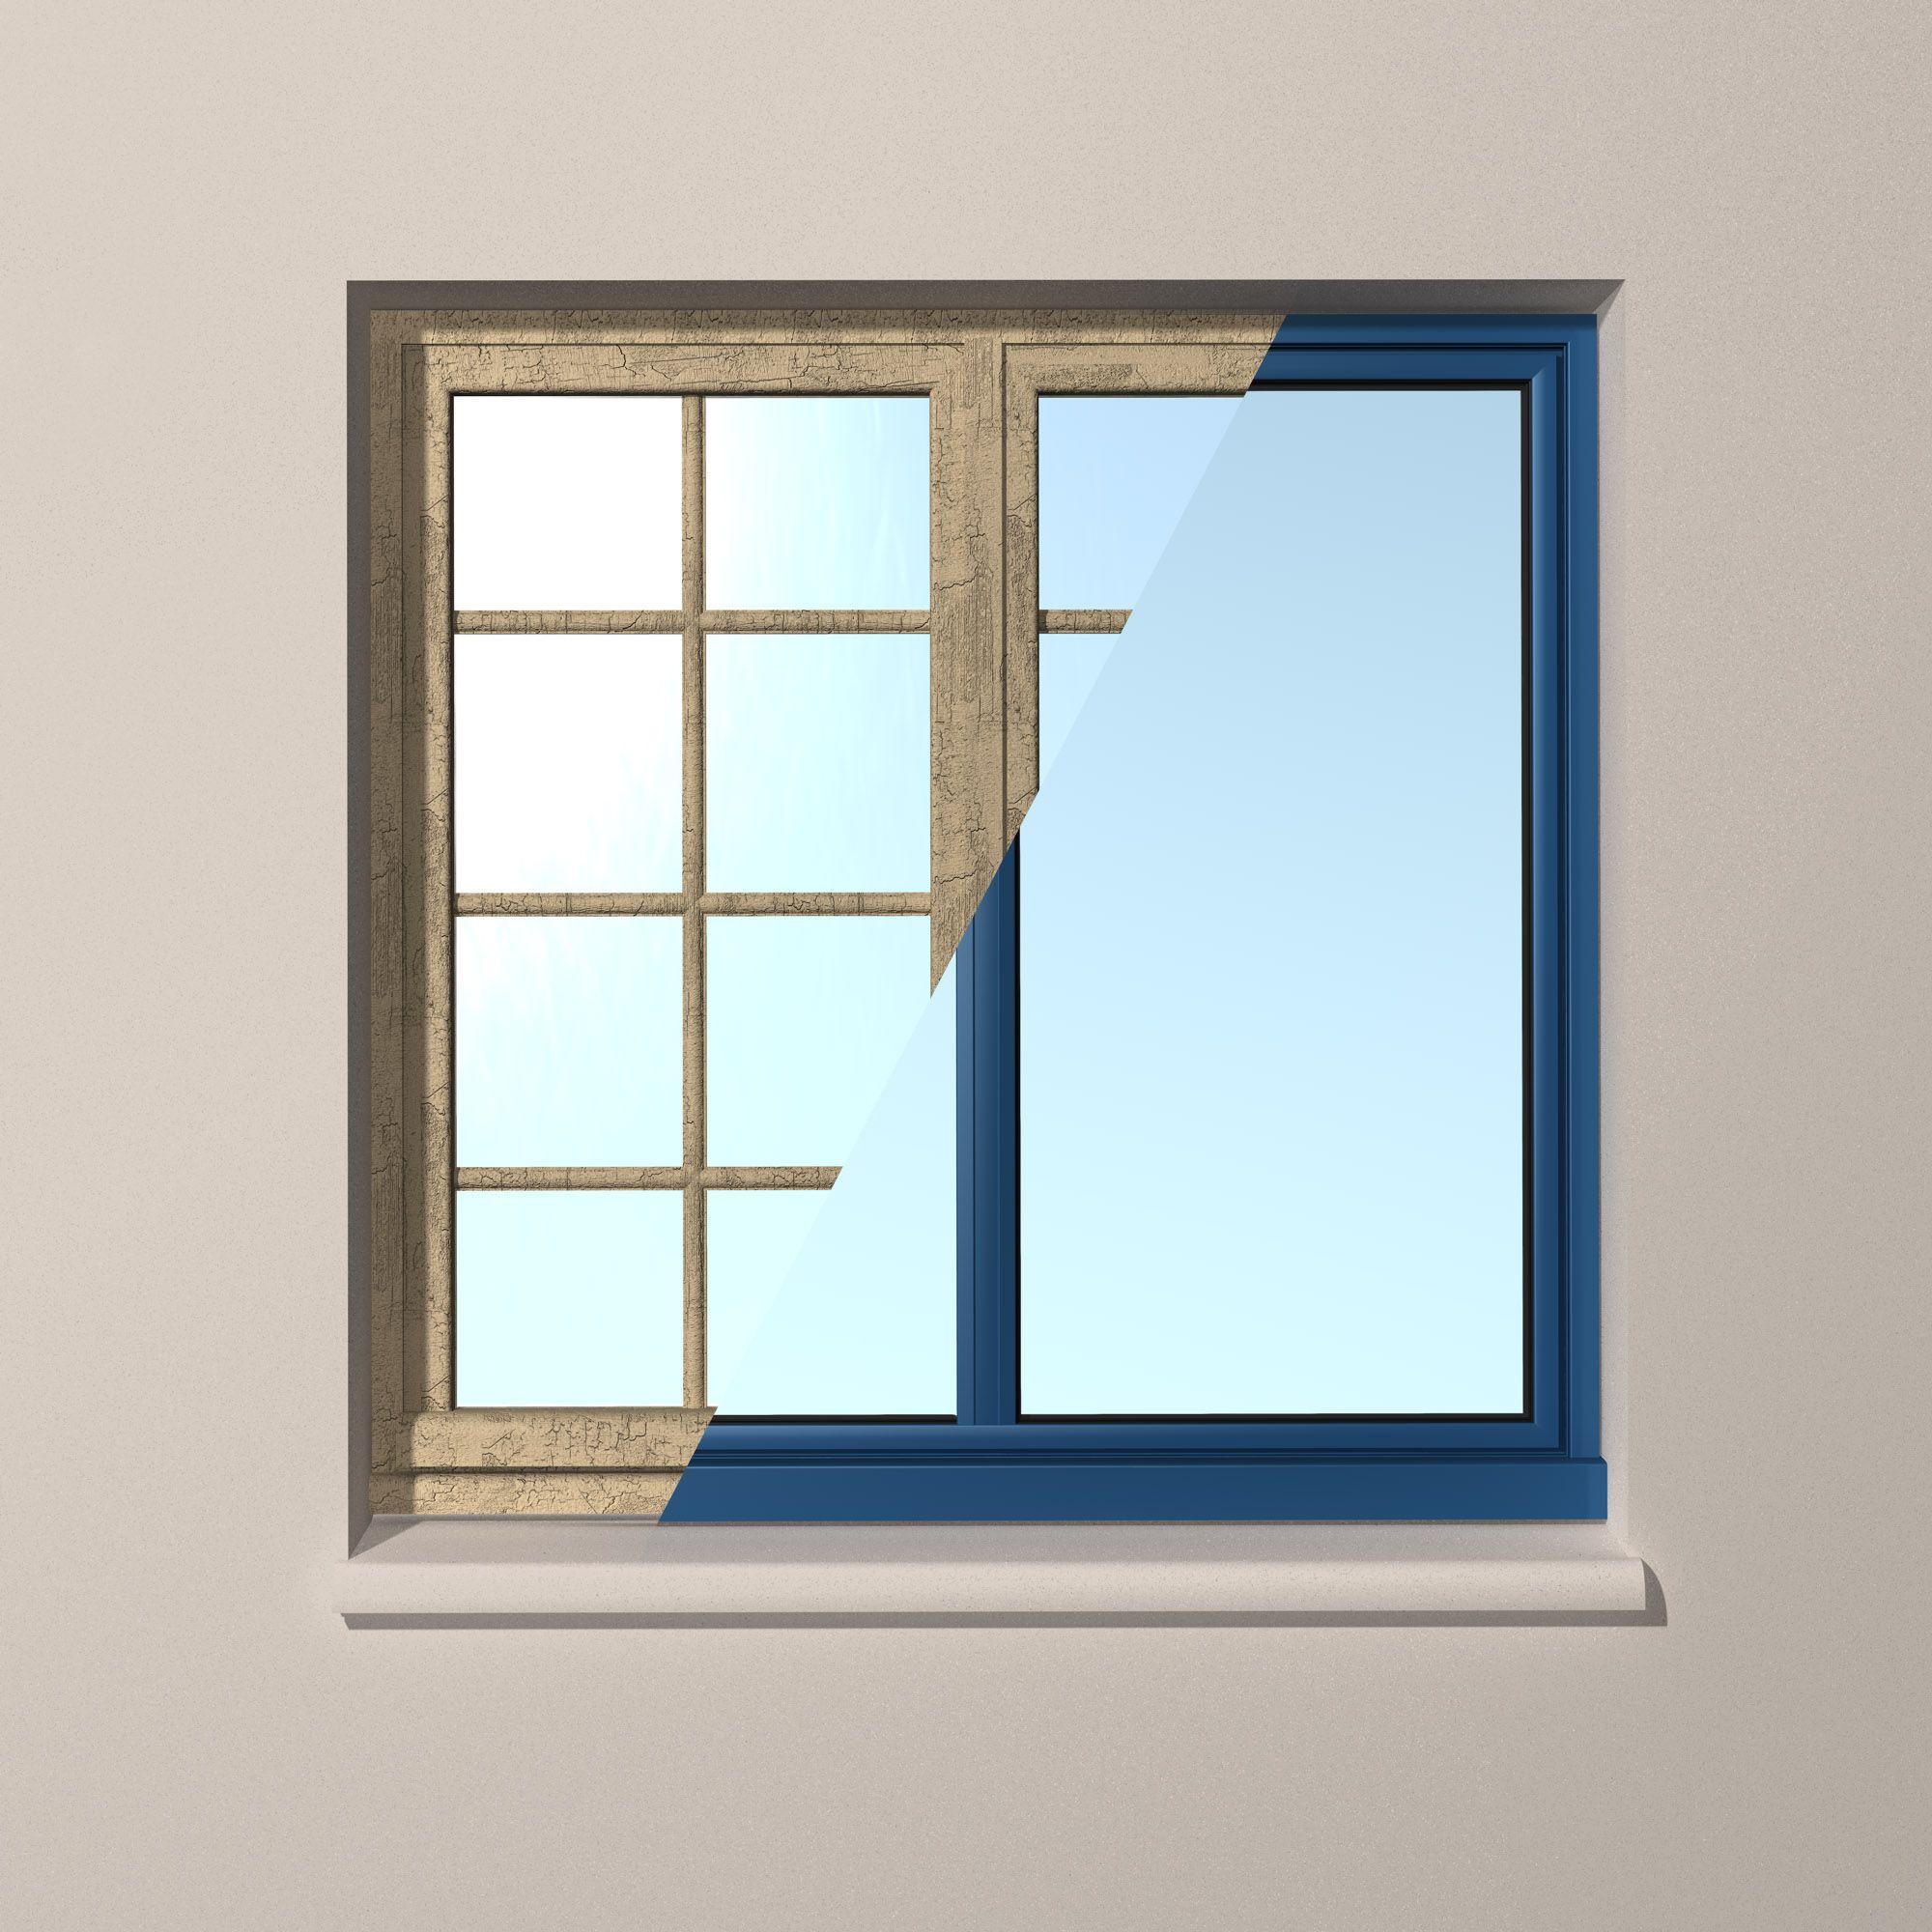 Image Avant Apres Une Renovation Avec Une Fenetre Aluminium Avec L Alu C Est Plus De Clair De Vitrage Www Fenetrea Iphone Wallpaper Windows Wallpaper